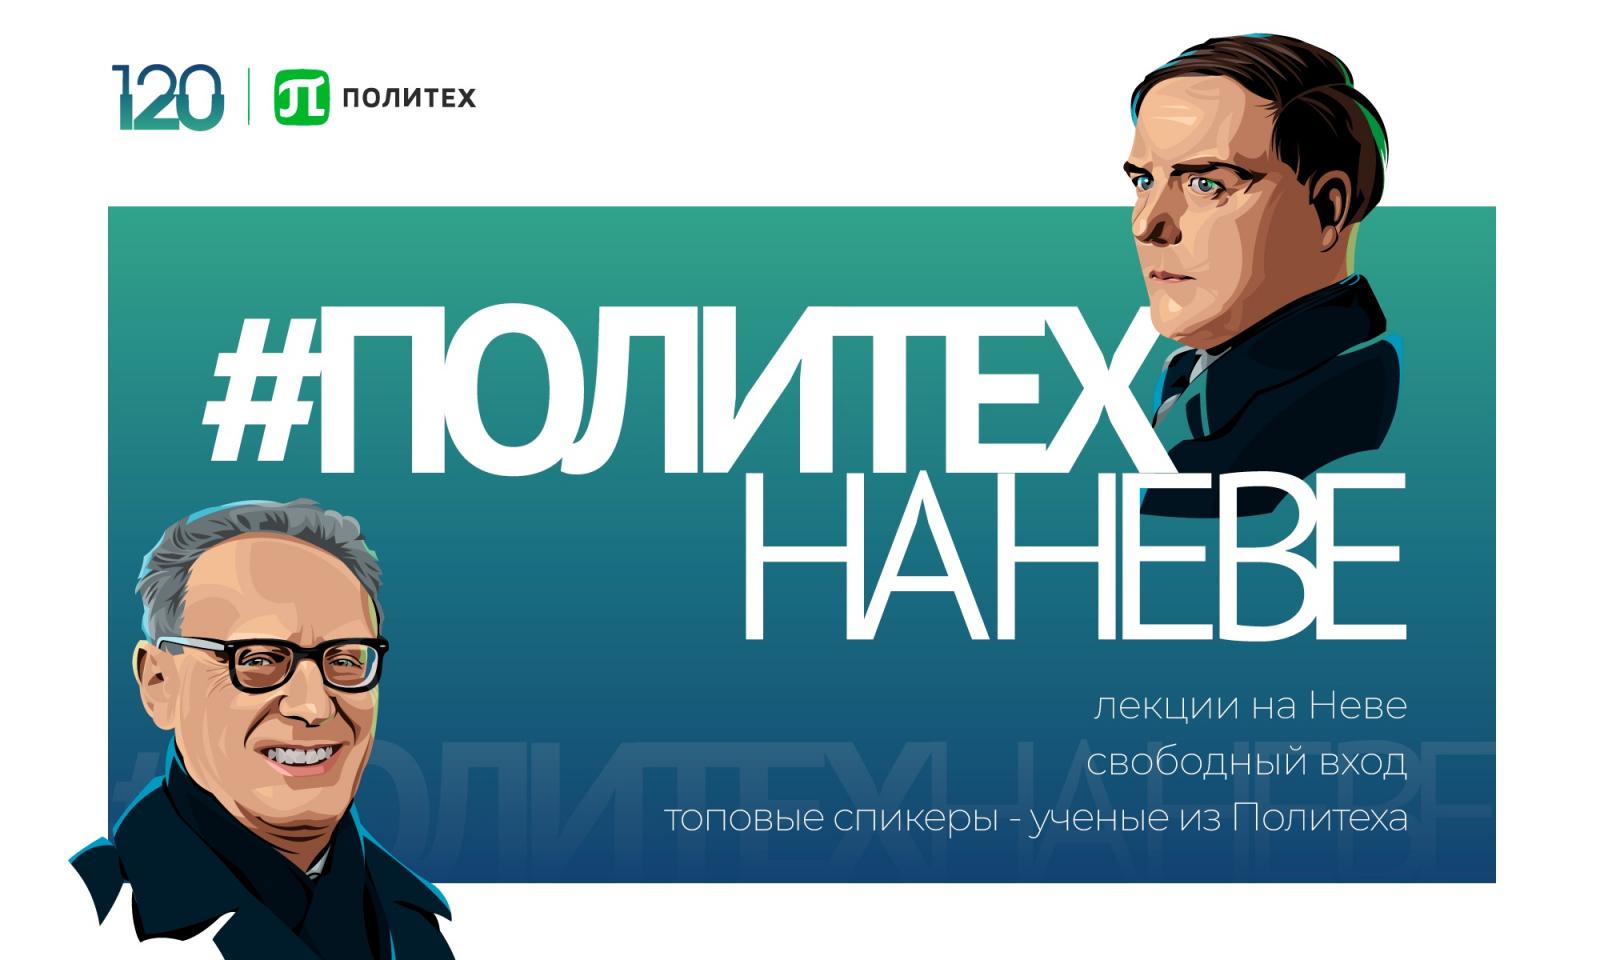 #ПолитехНаНеве - путешествие по рекам и каналам Петербурга